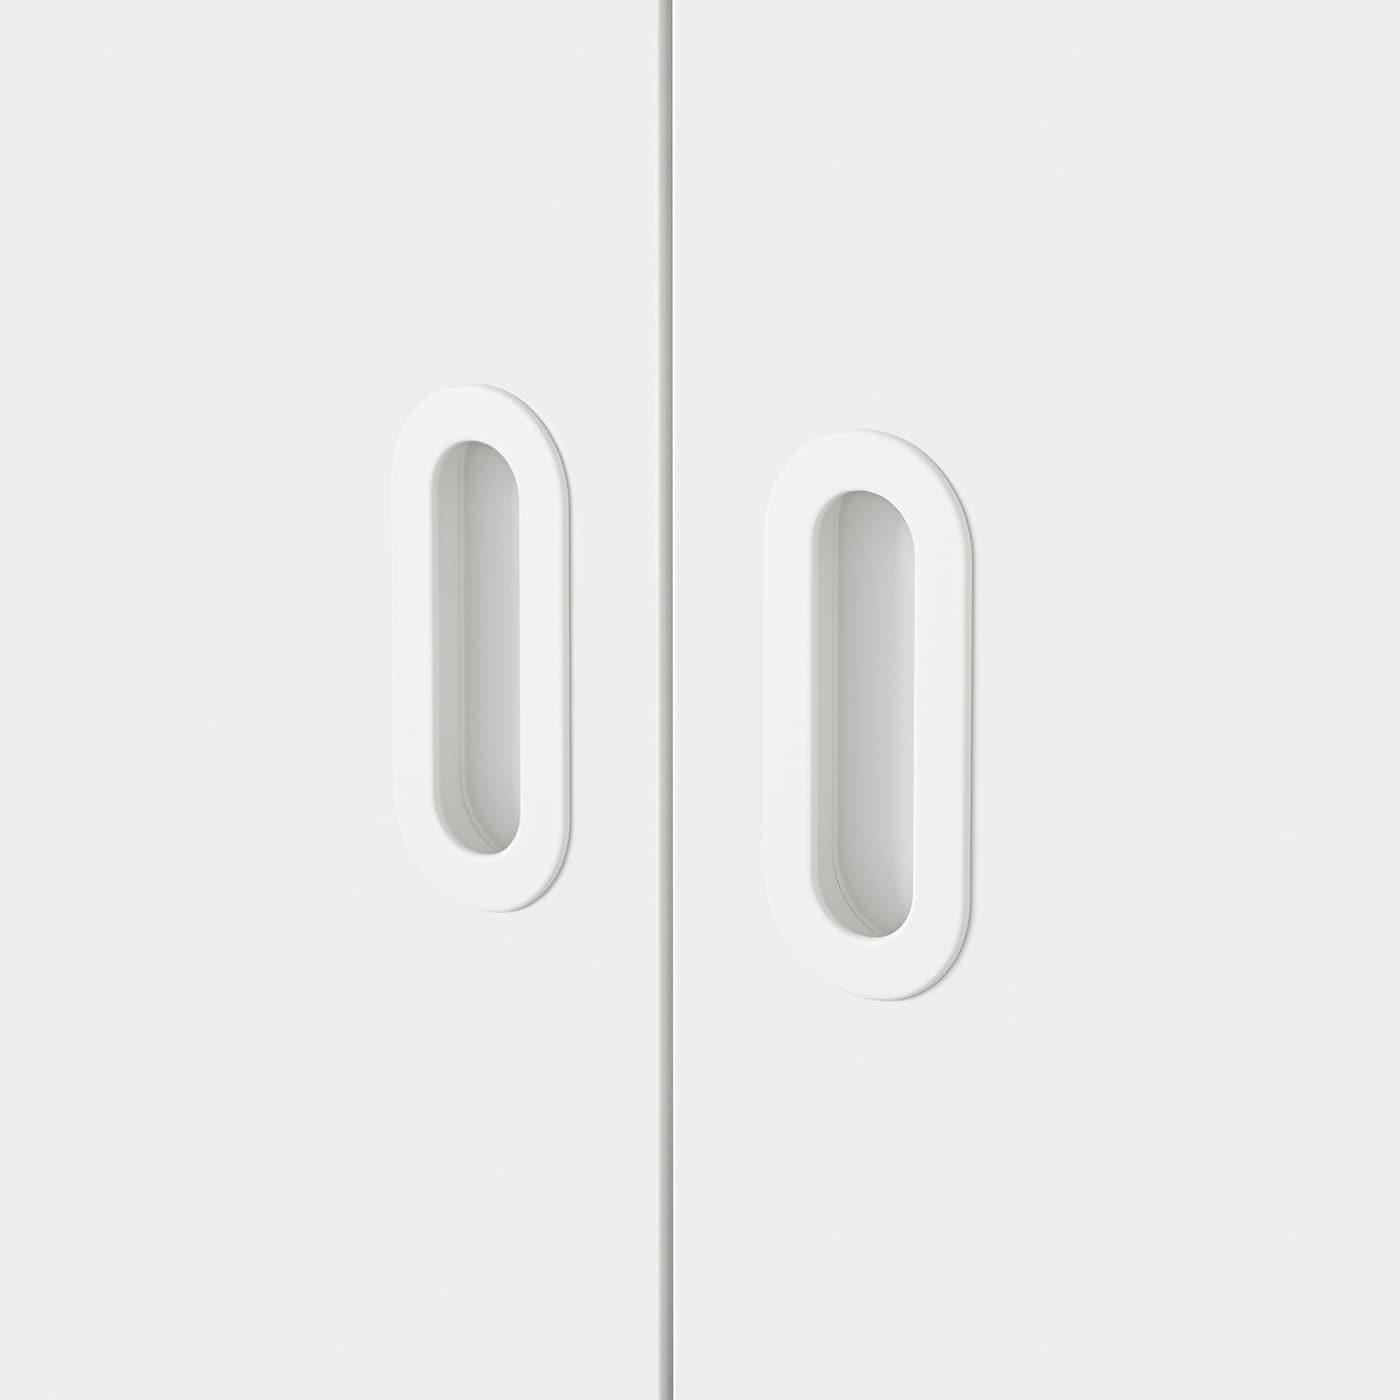 FRITIDS Drzwi, biały, 60x64 cm 2 szt.